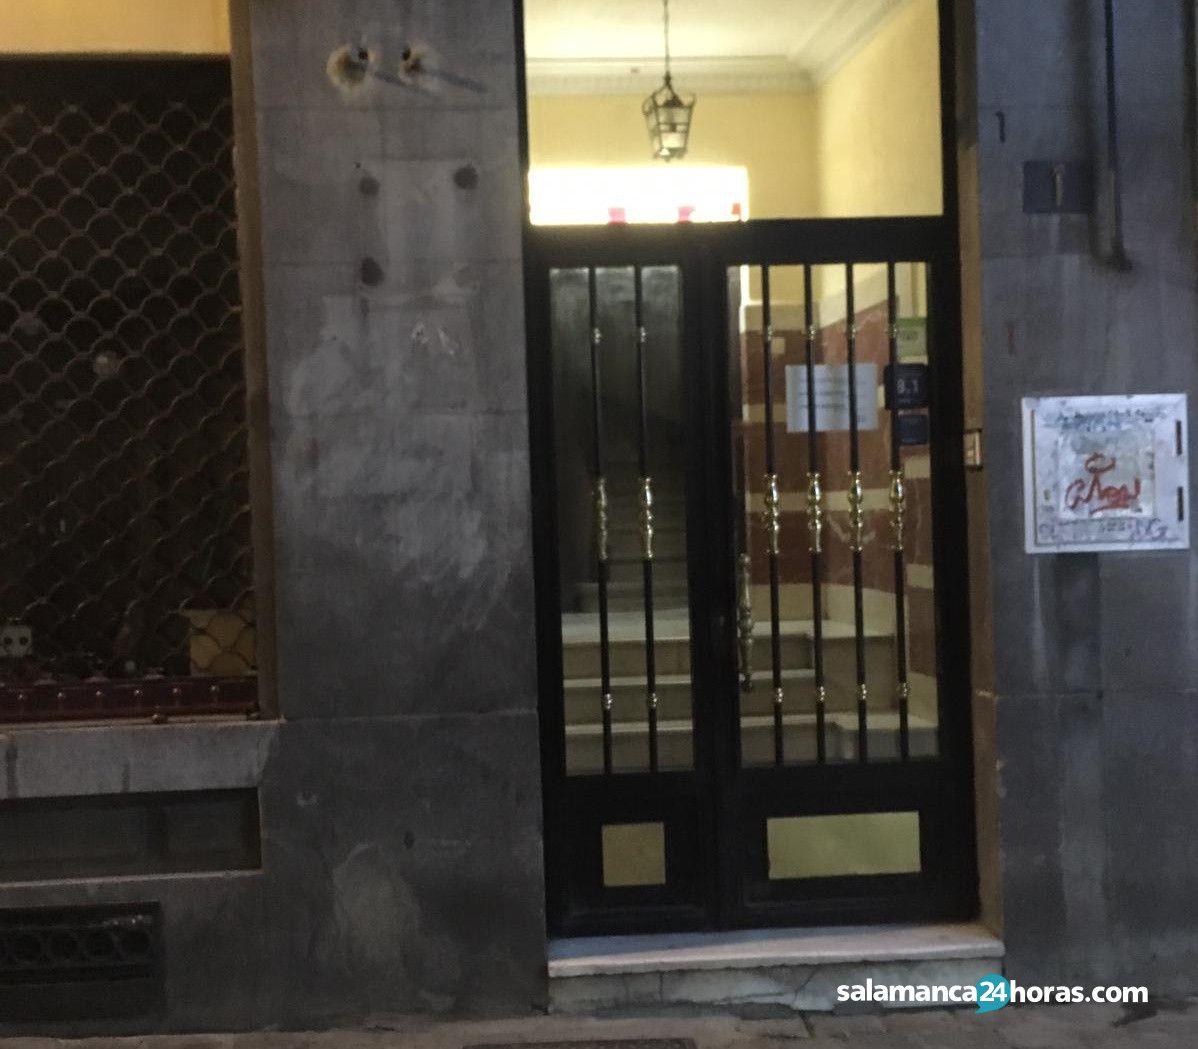 Pensión Salamanca calle Meléndez